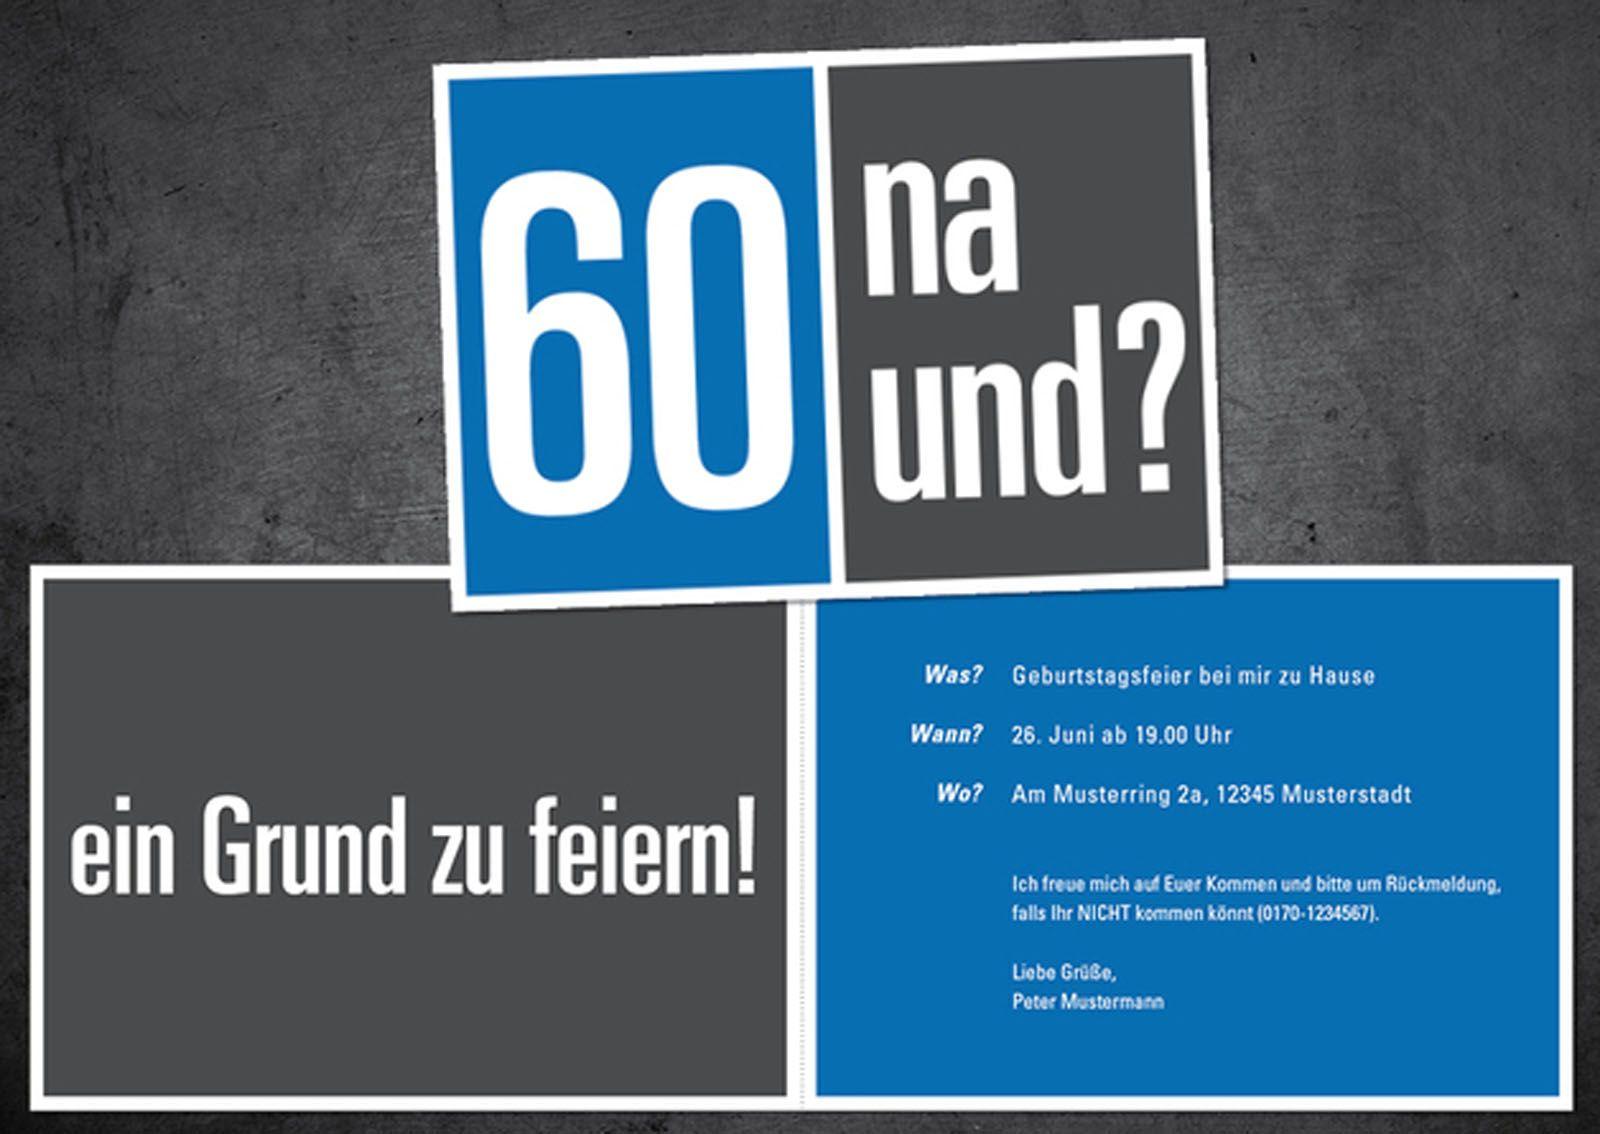 einladungen zum 60 geburtstag kostenlos ausdrucken, Einladungsentwurf